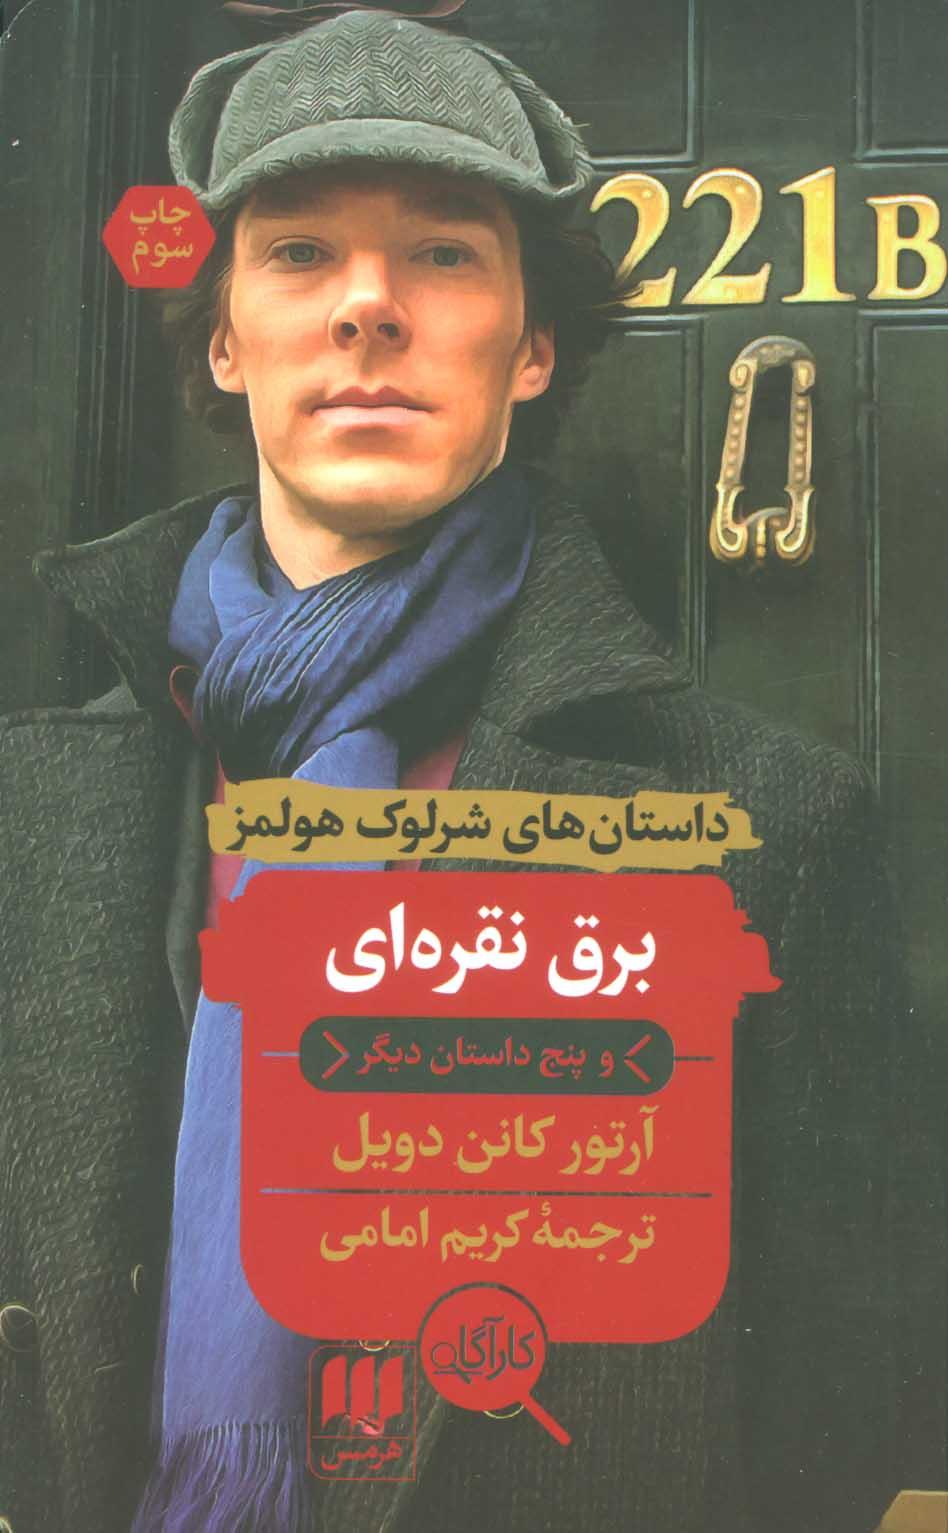 برق نقره ای و پنج داستان دیگر (داستان های شرلوک هولمز)